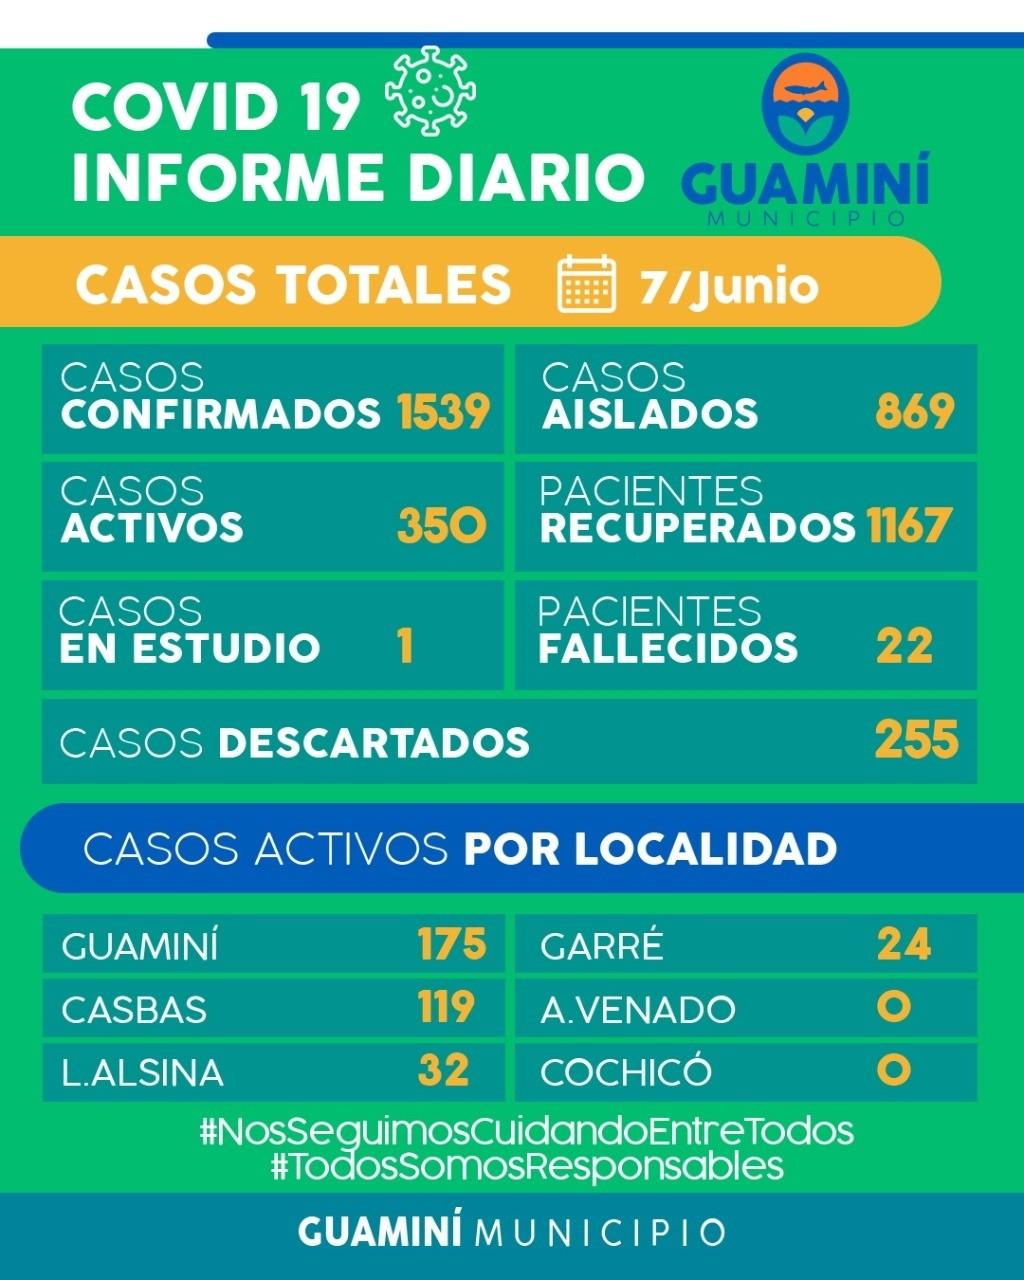 CORONAVIRUS: INFORME DIARIO DE SITUACIÓN A NIVEL NACIONAL Y LOCAL  - 7 DE JUNIO -